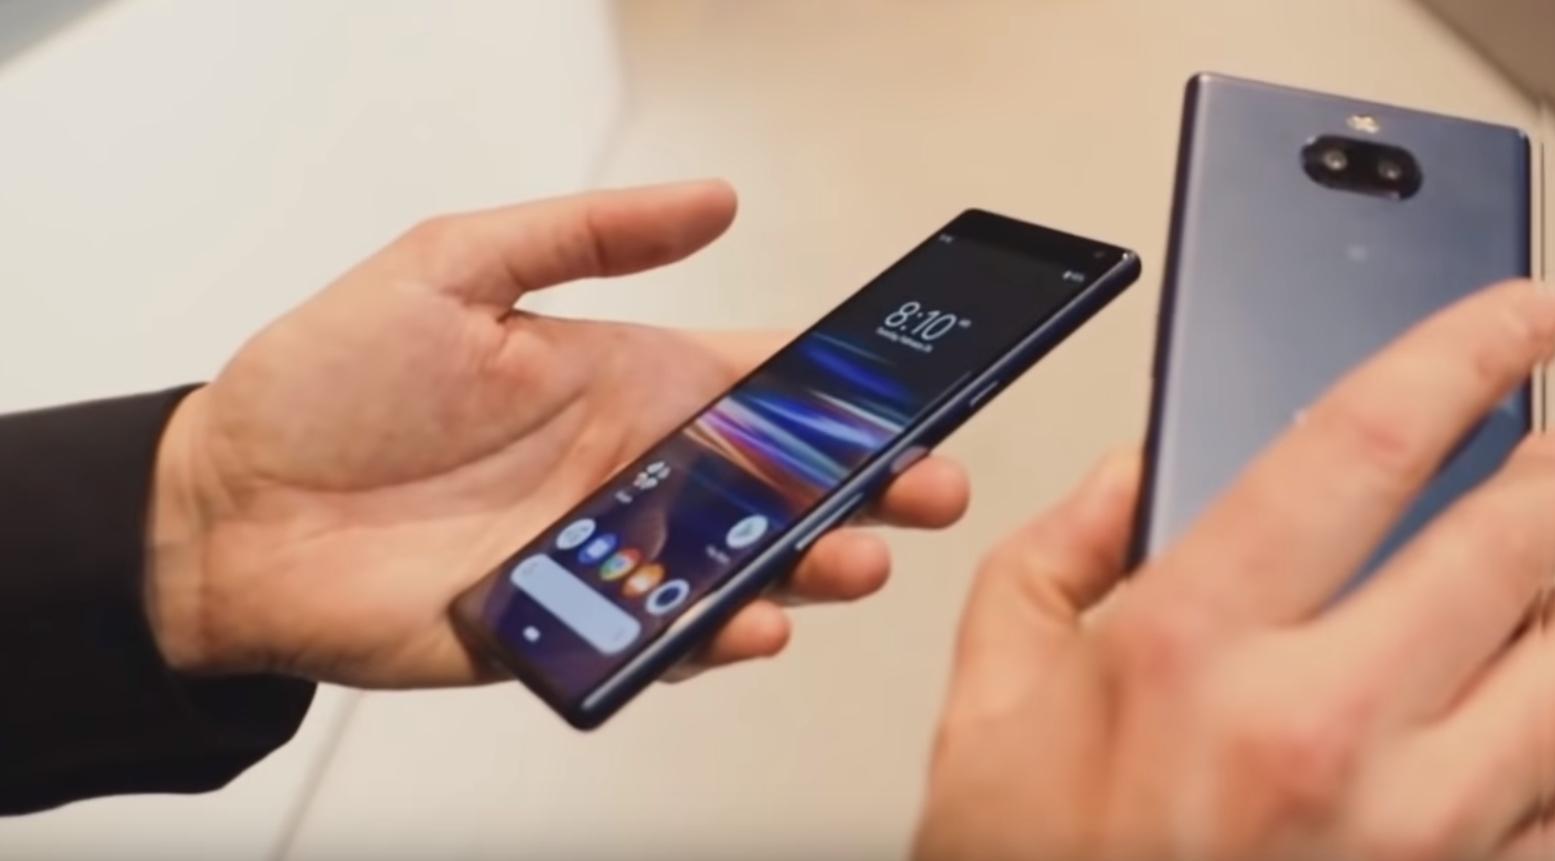 Sony er nære å gi opp mobiler, ifølge kilder